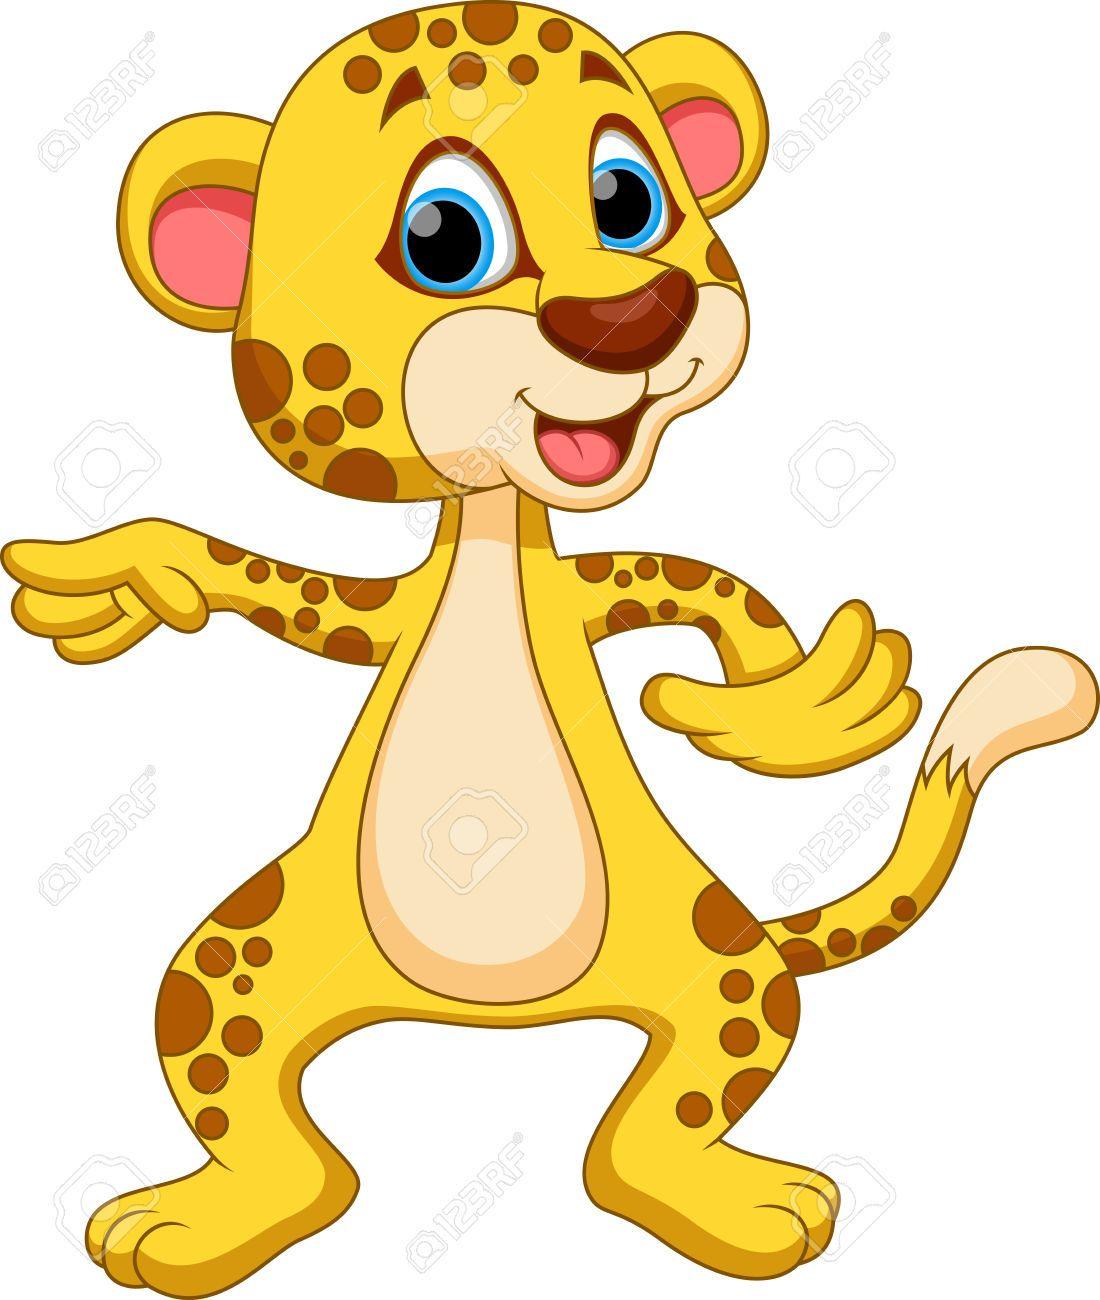 Cute Cheetah Cartoon Dancing | P-cartoon | Cheetah Cartoon ...